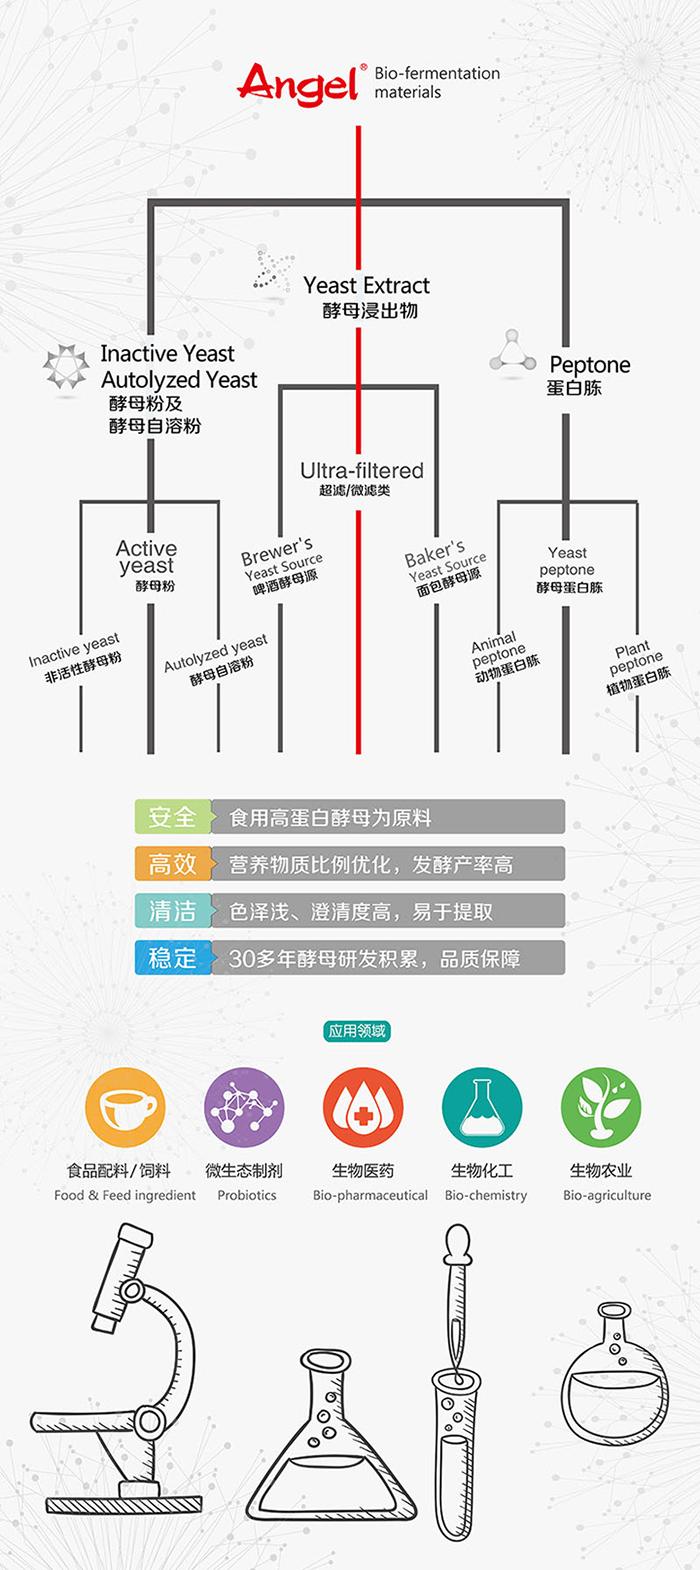 安琪发酵营养元 产品系列